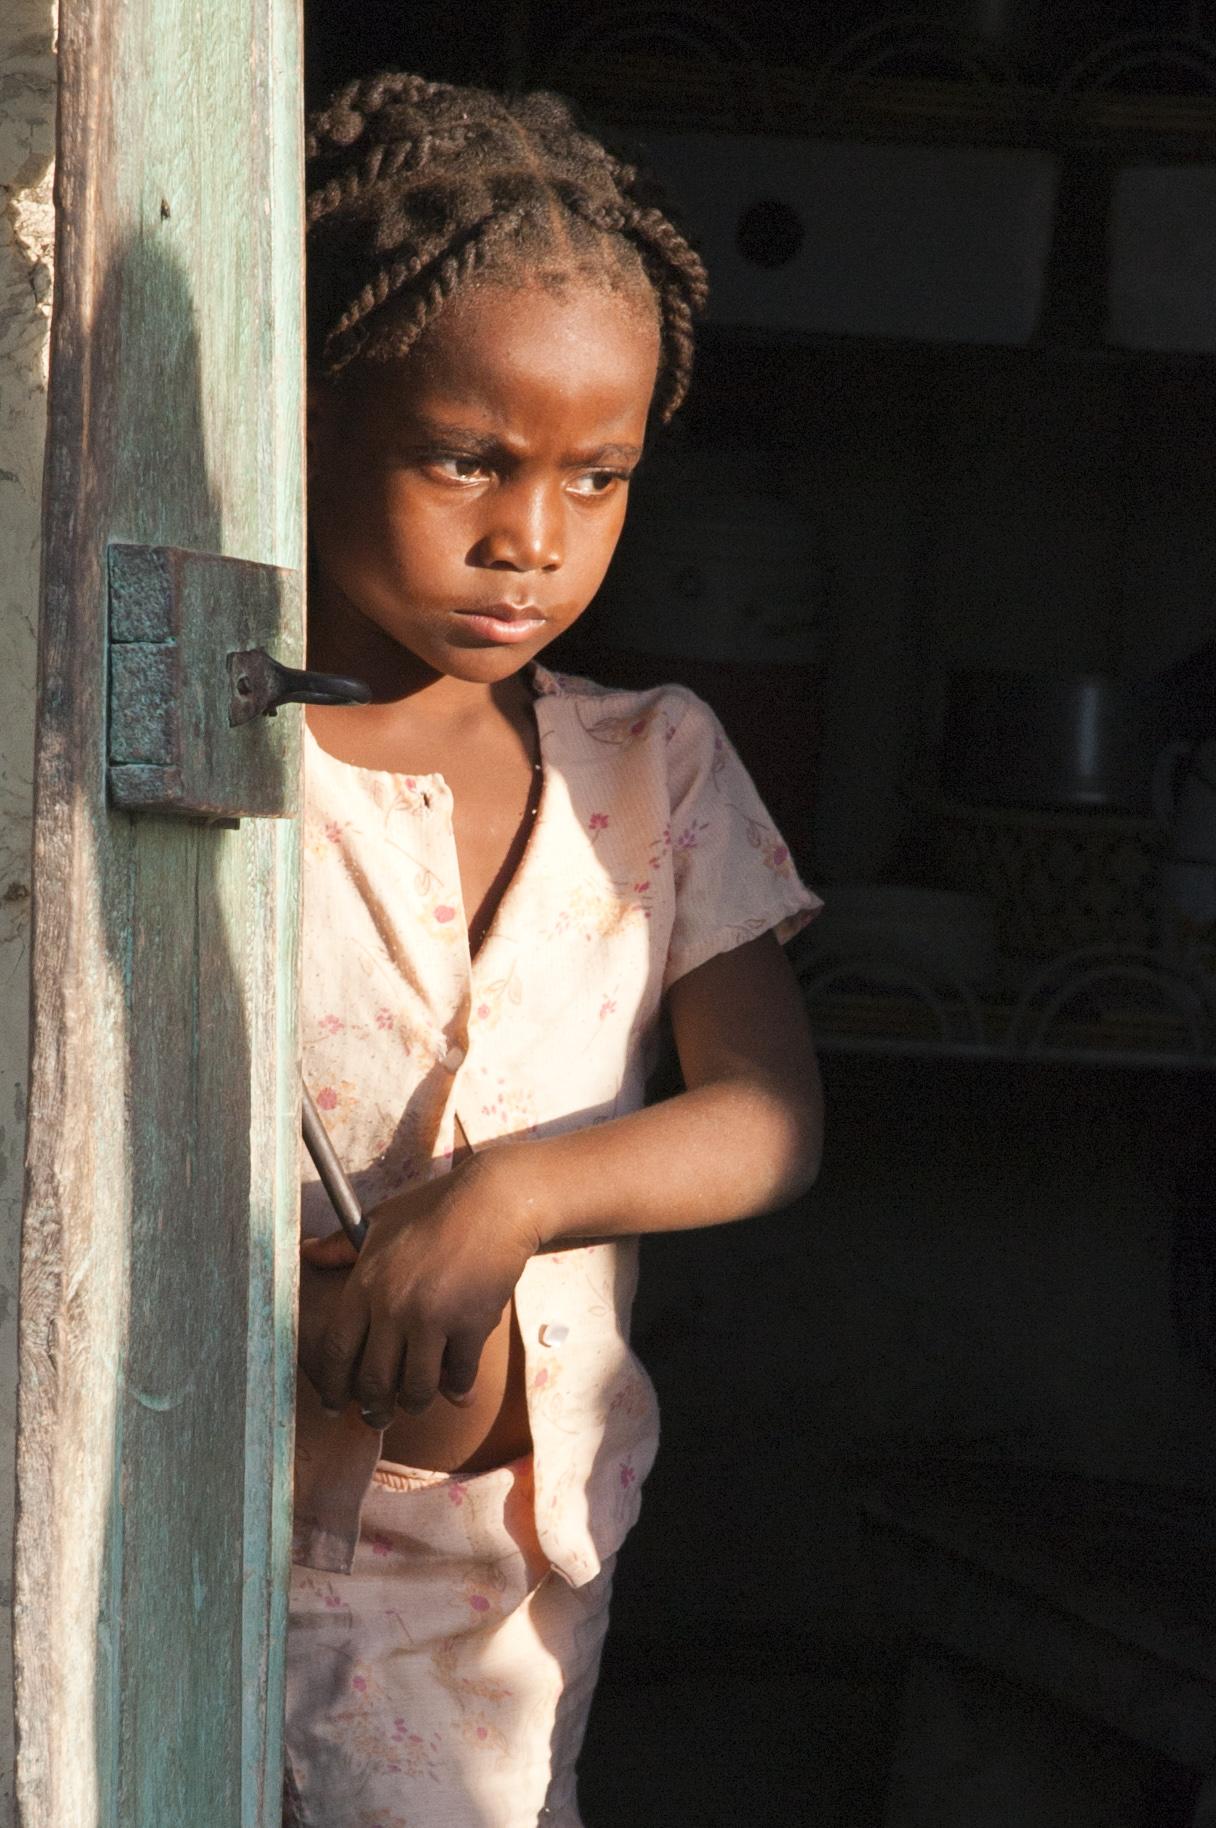 Child-doorway.jpg